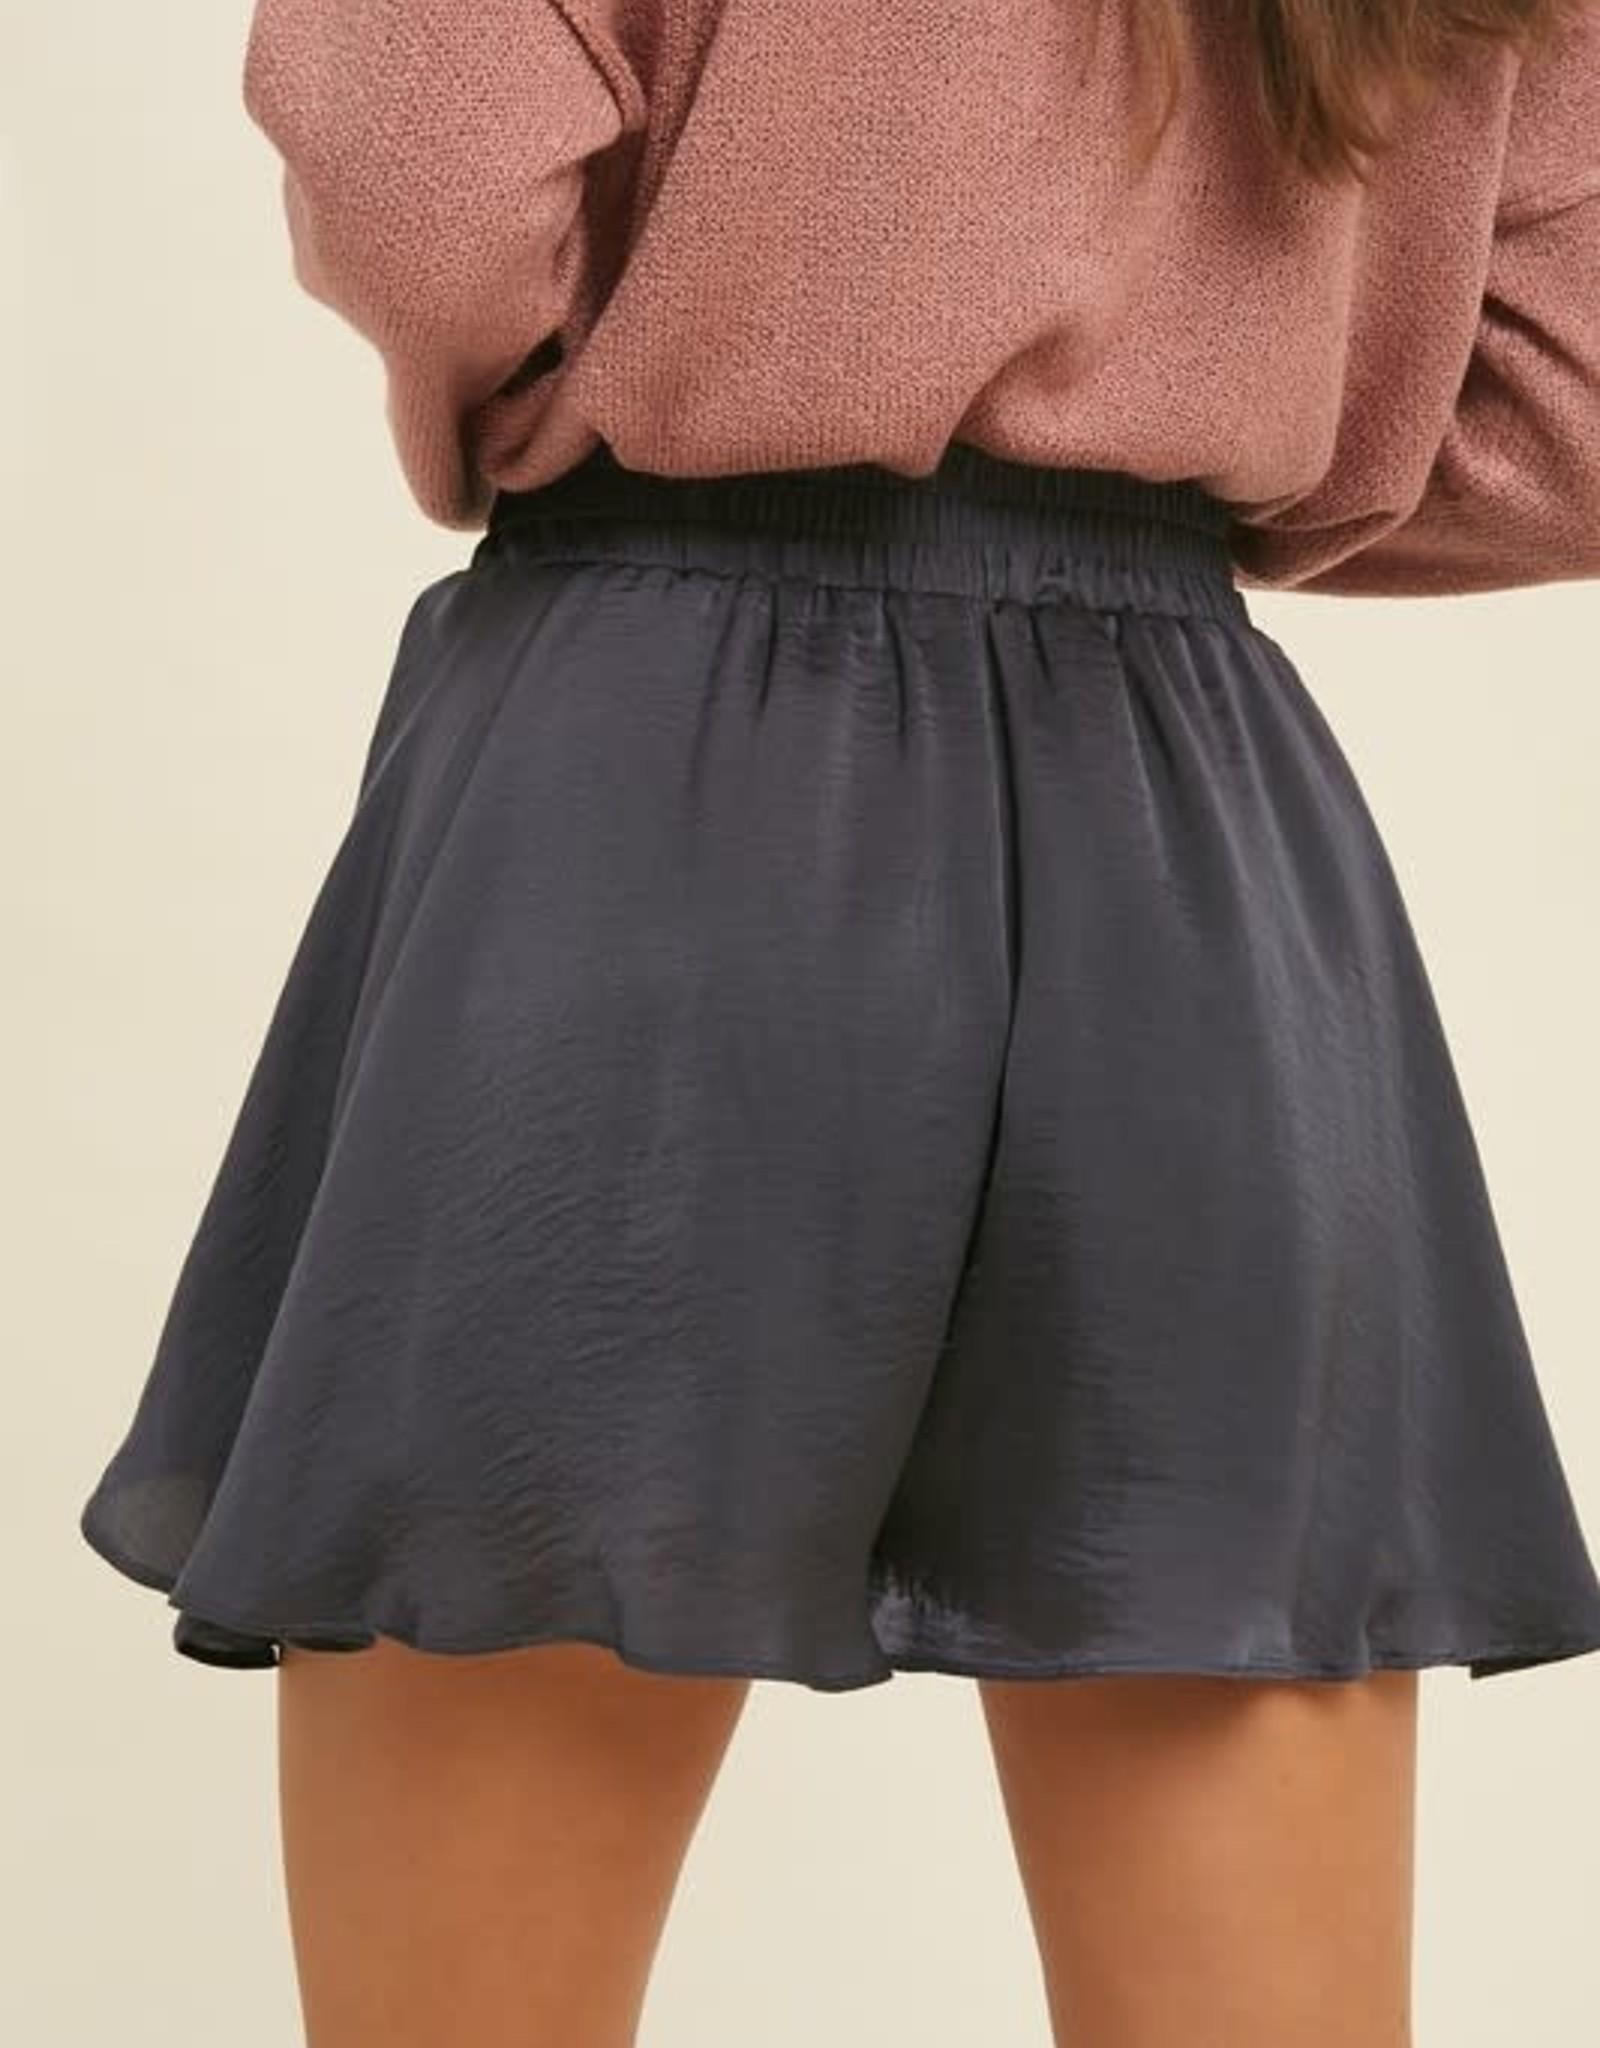 Star Struck Shorts